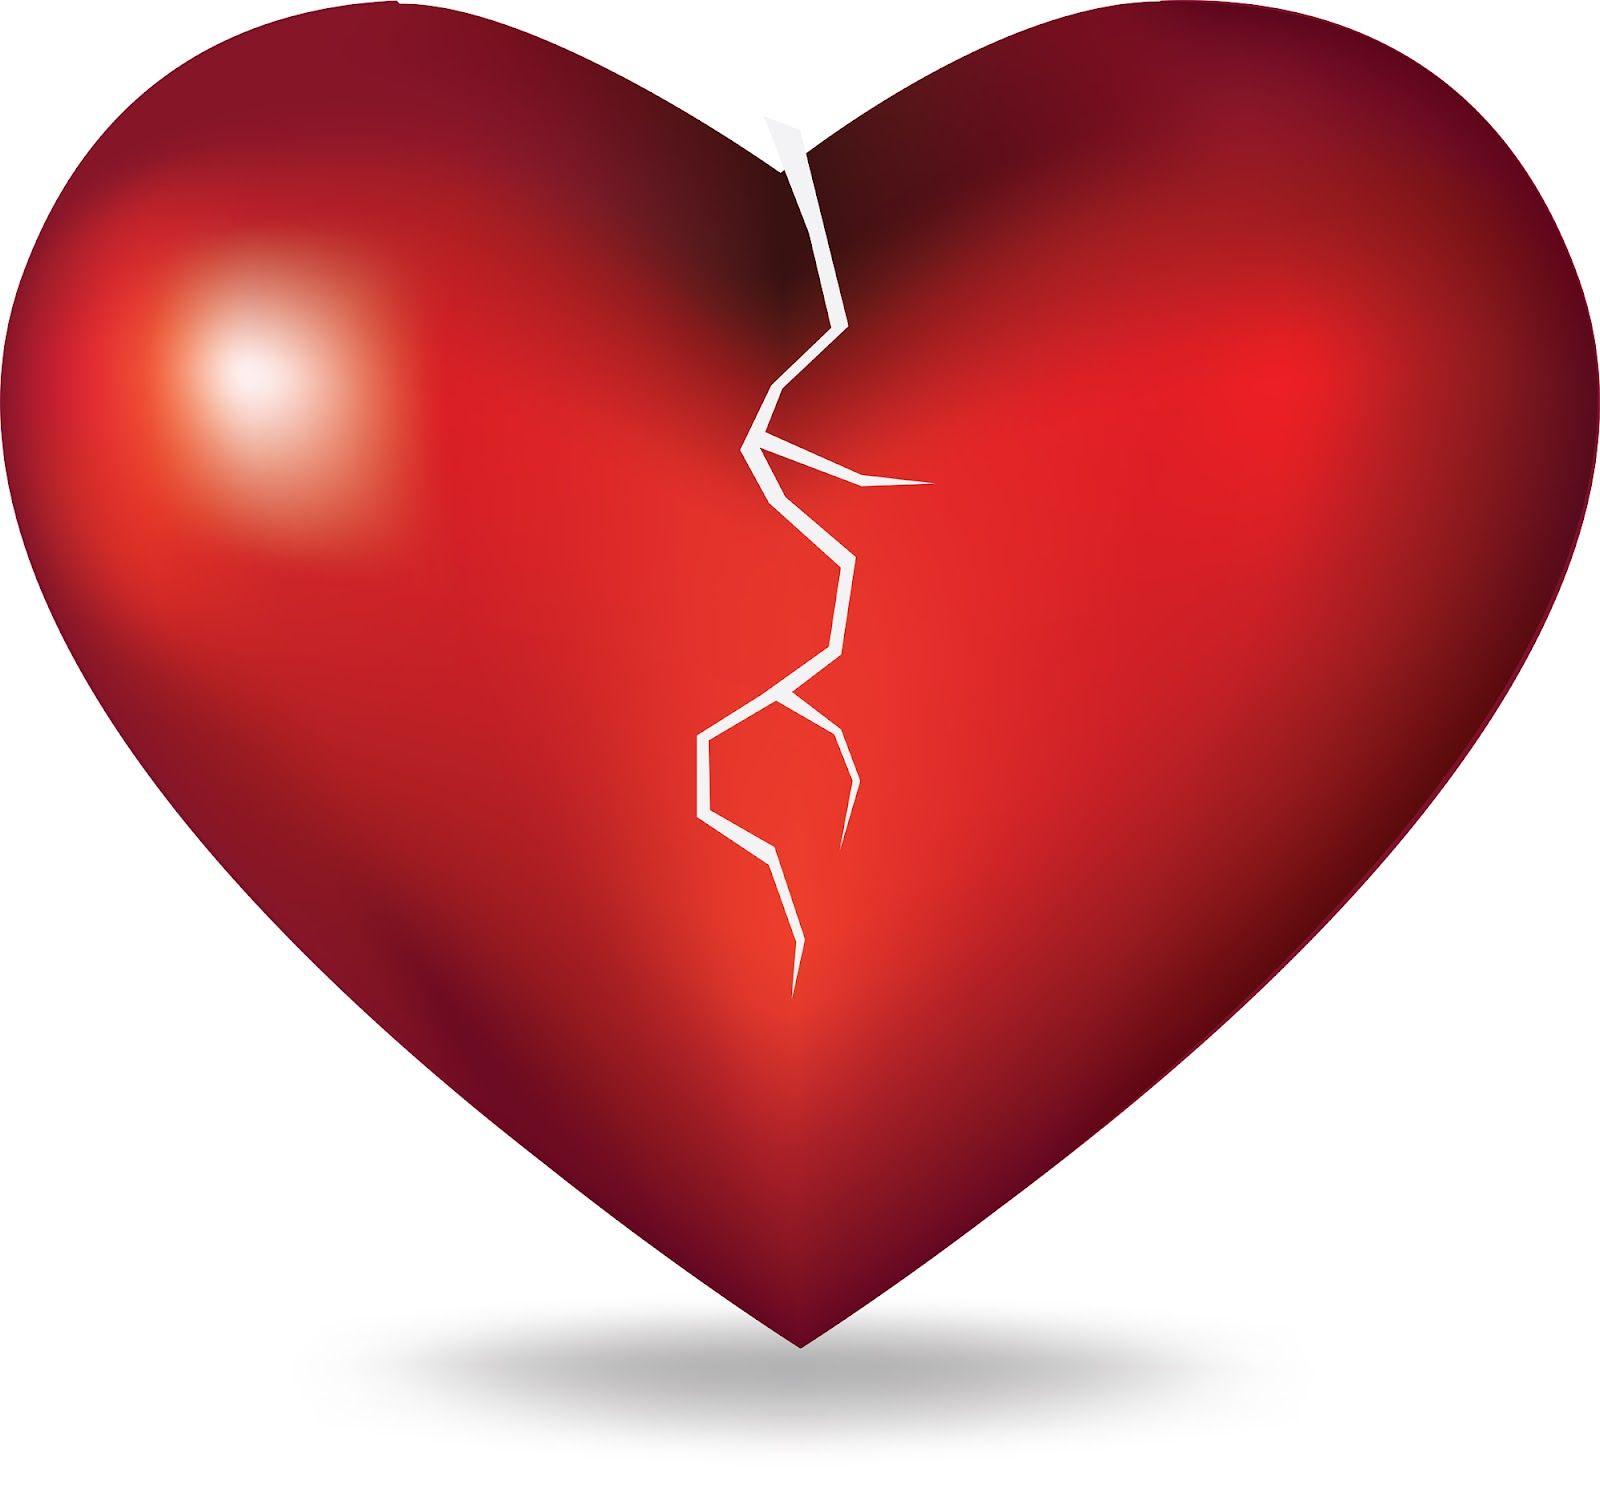 Broken Heart Explanation With Images Broken Heart Pictures